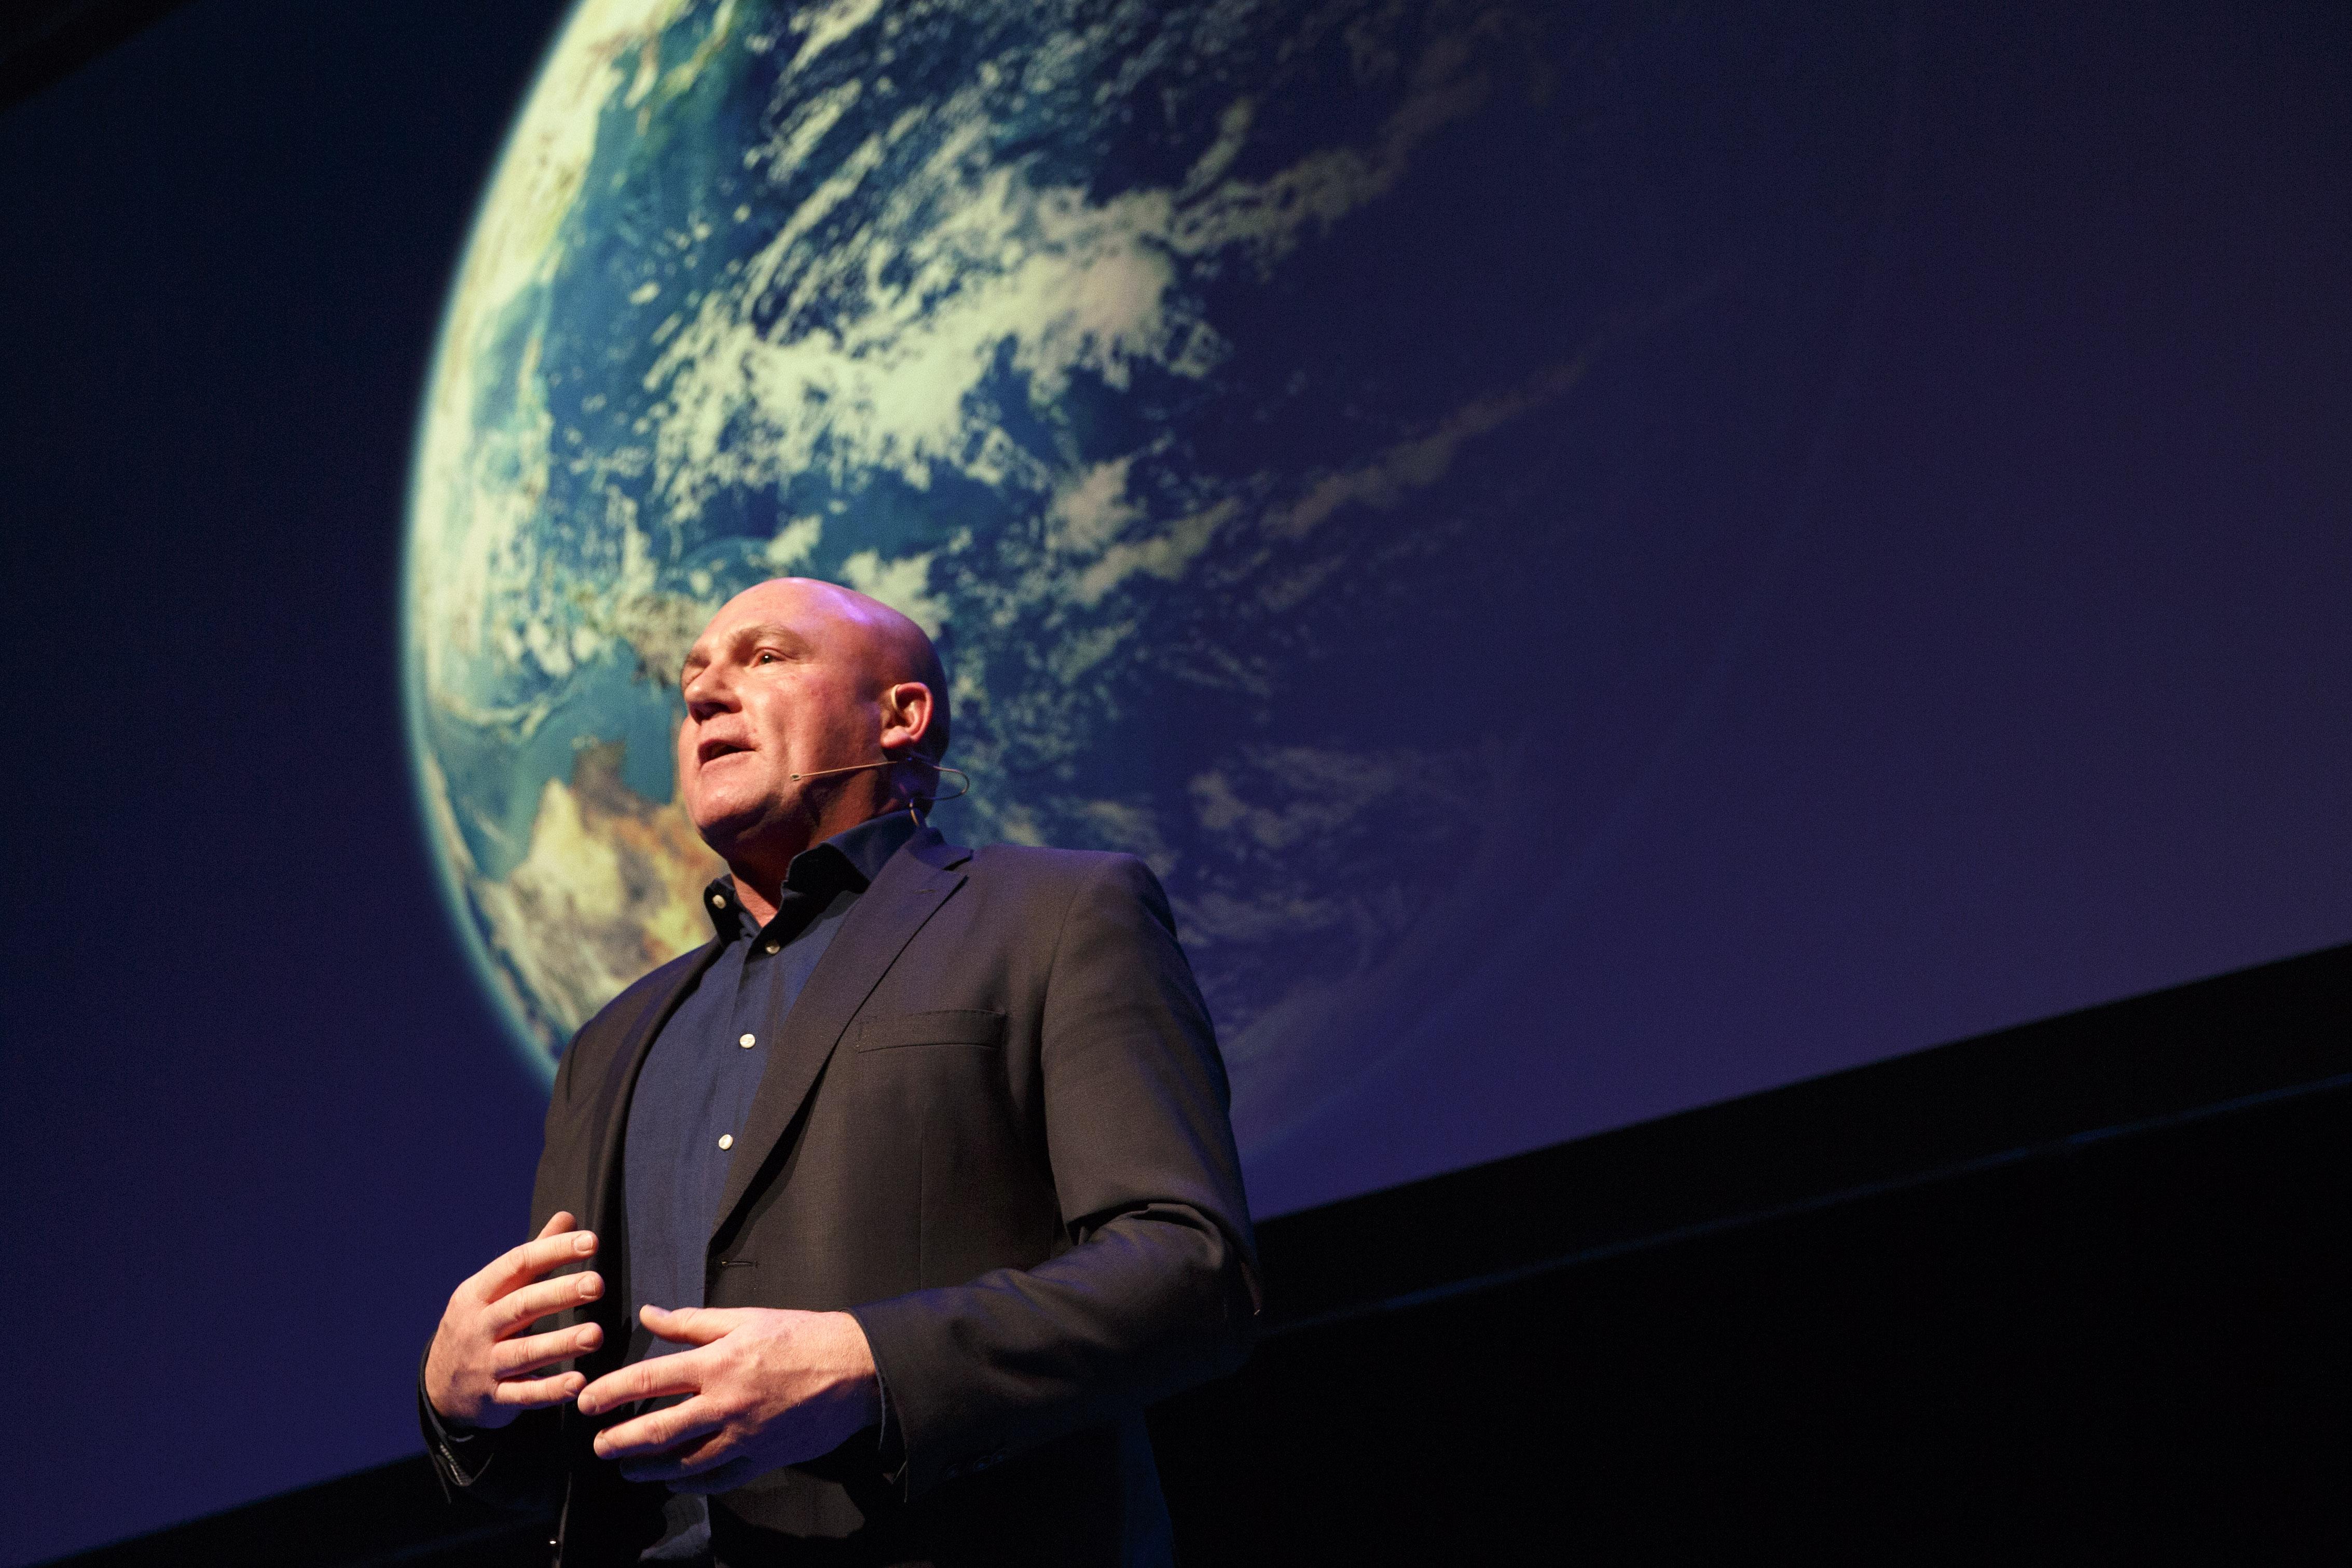 Het Gala Van De Wetenschap 2017 Biedt Hoop In Donkere